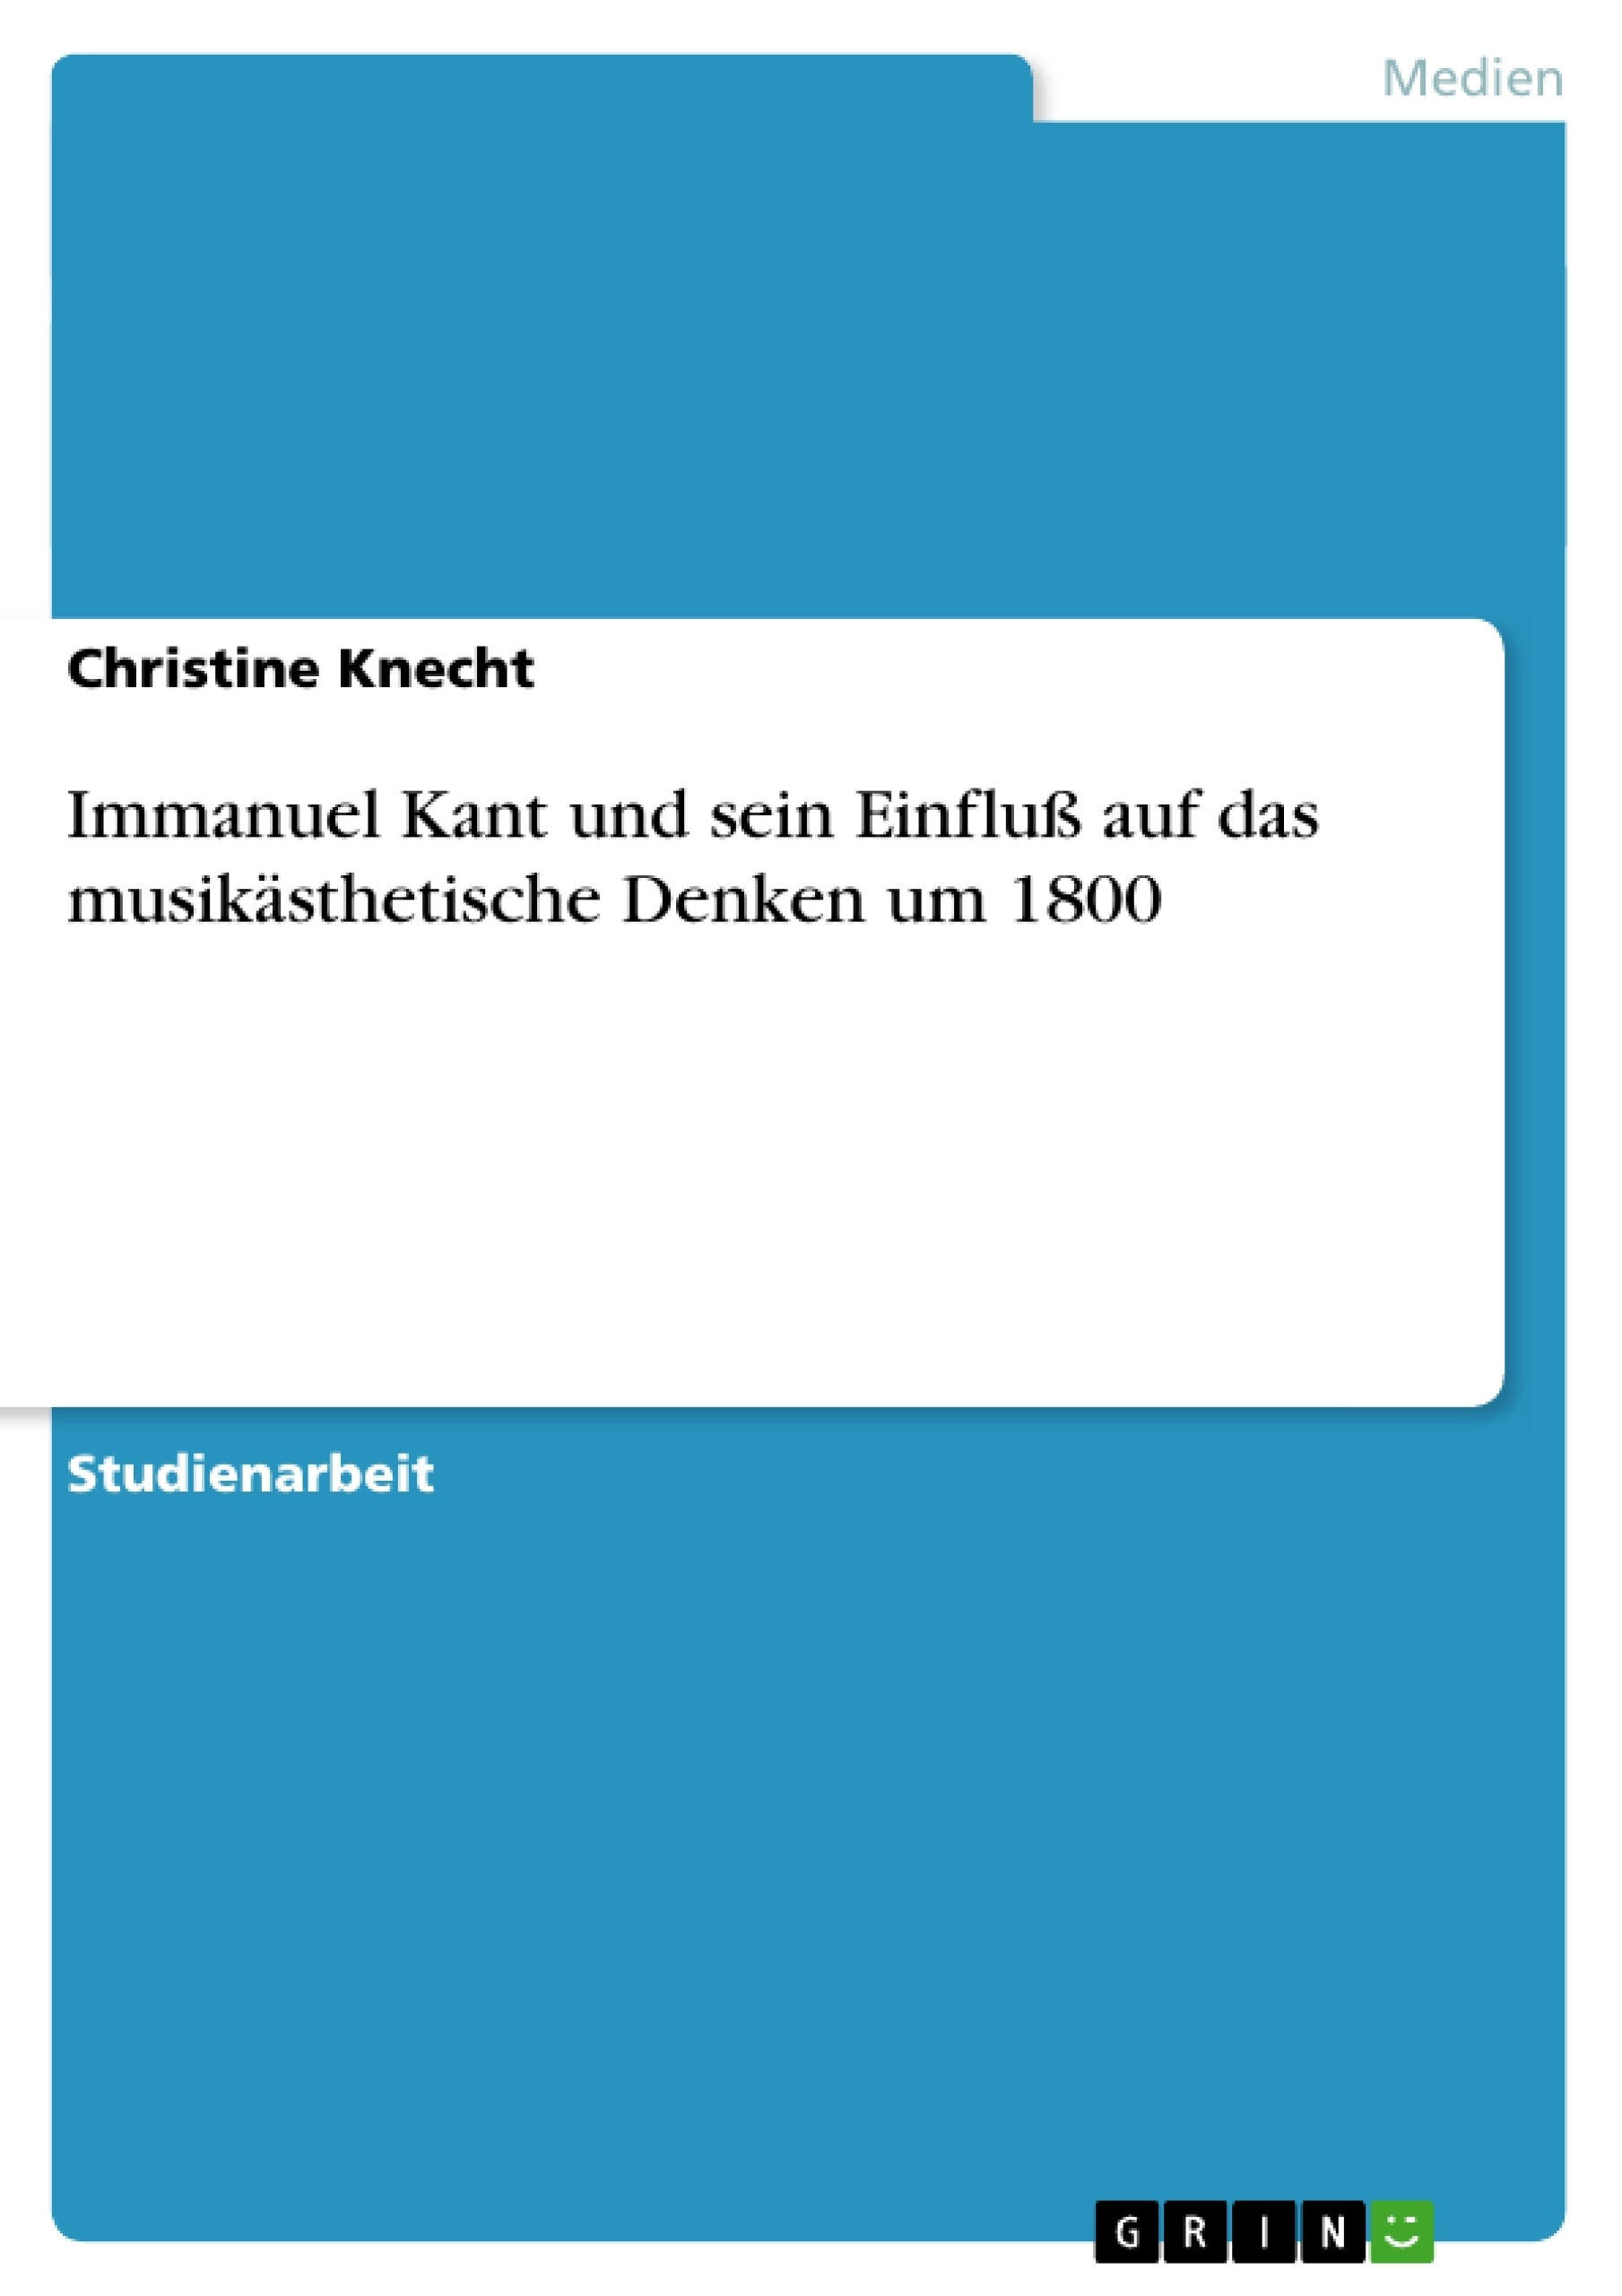 Titel: Immanuel Kant und sein Einfluß auf das musikästhetische Denken um 1800